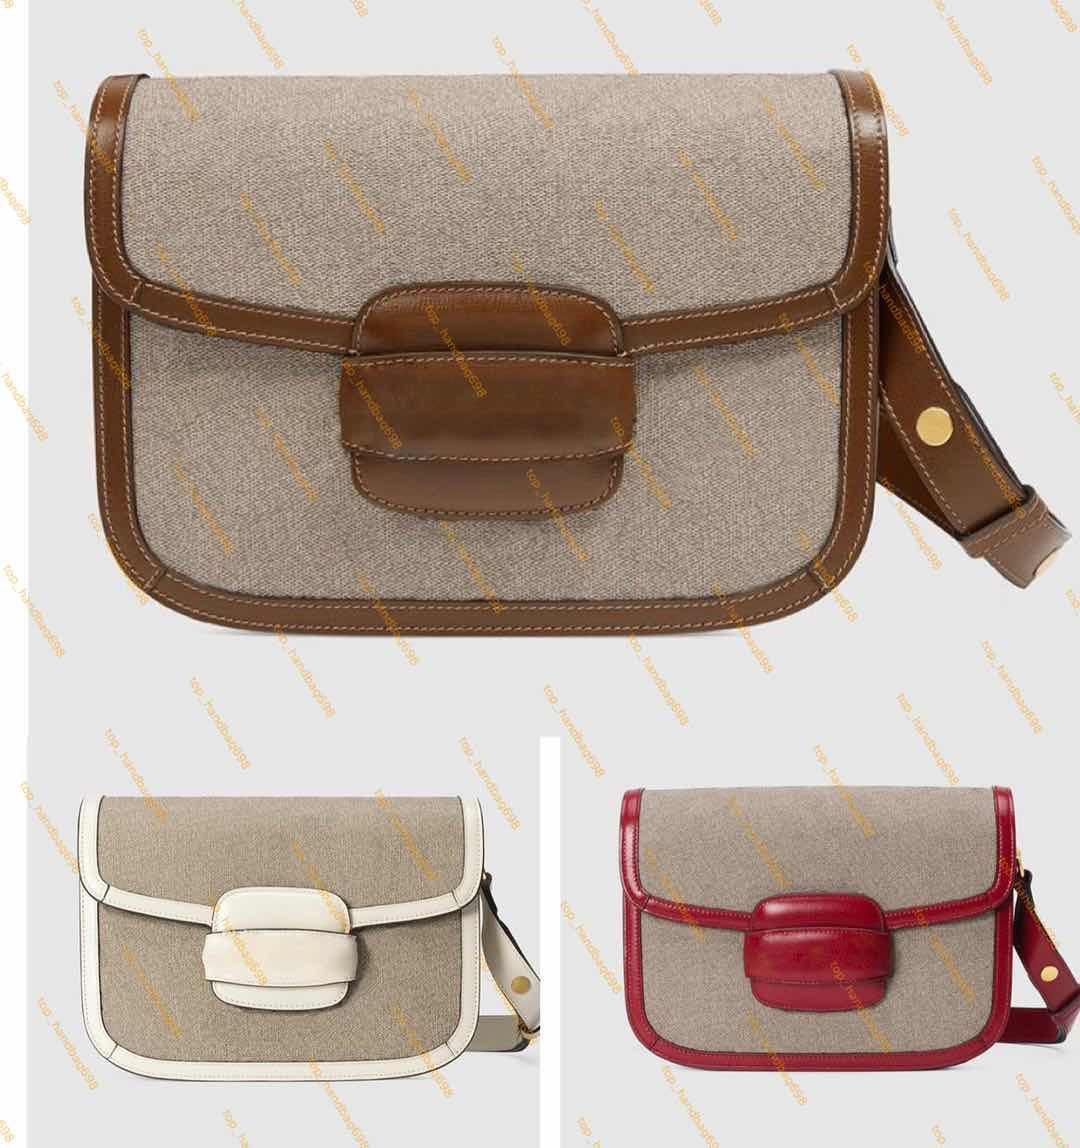 편지 정품 가죽과 PVC 핸드백 패션 가방 어깨 가방 고품질 대용량 바느질 핸드백 여성 크로스 바디 백